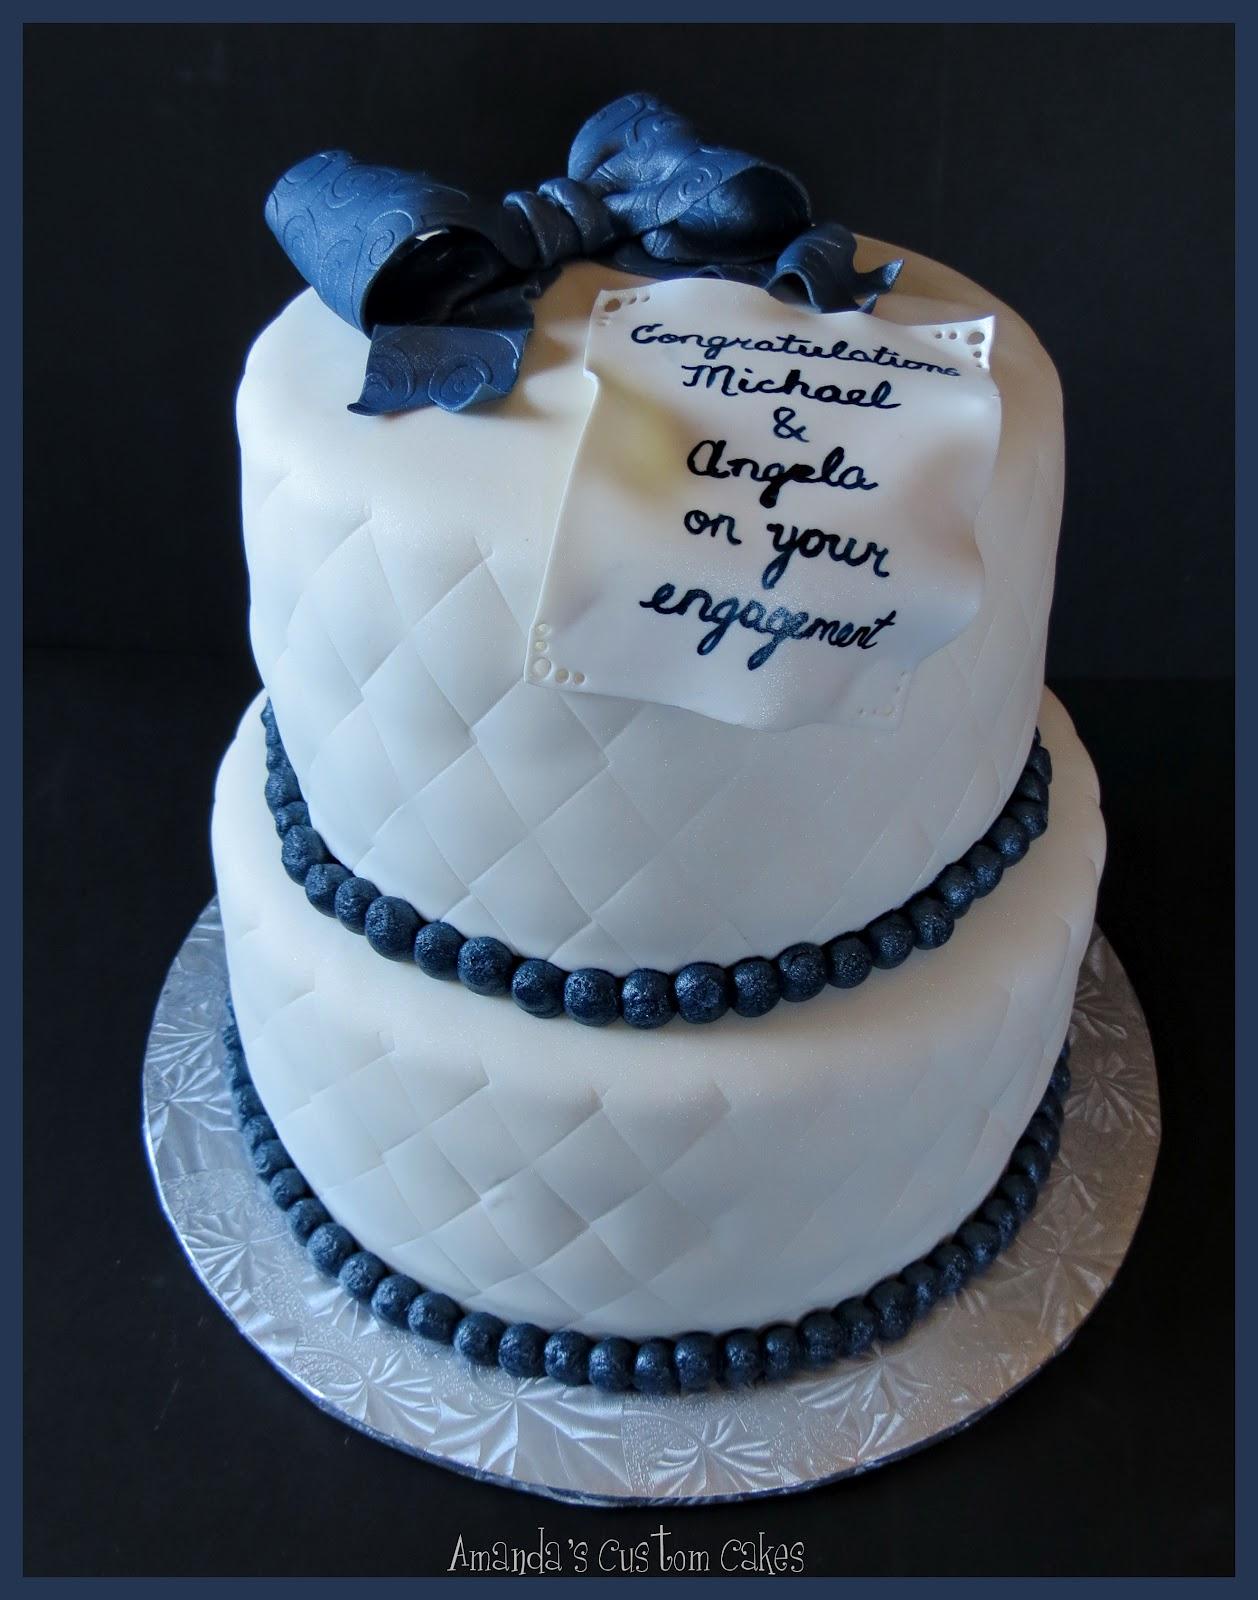 Engagement Party Cake Images : Amanda s Custom Cakes: Engagement Party Cake